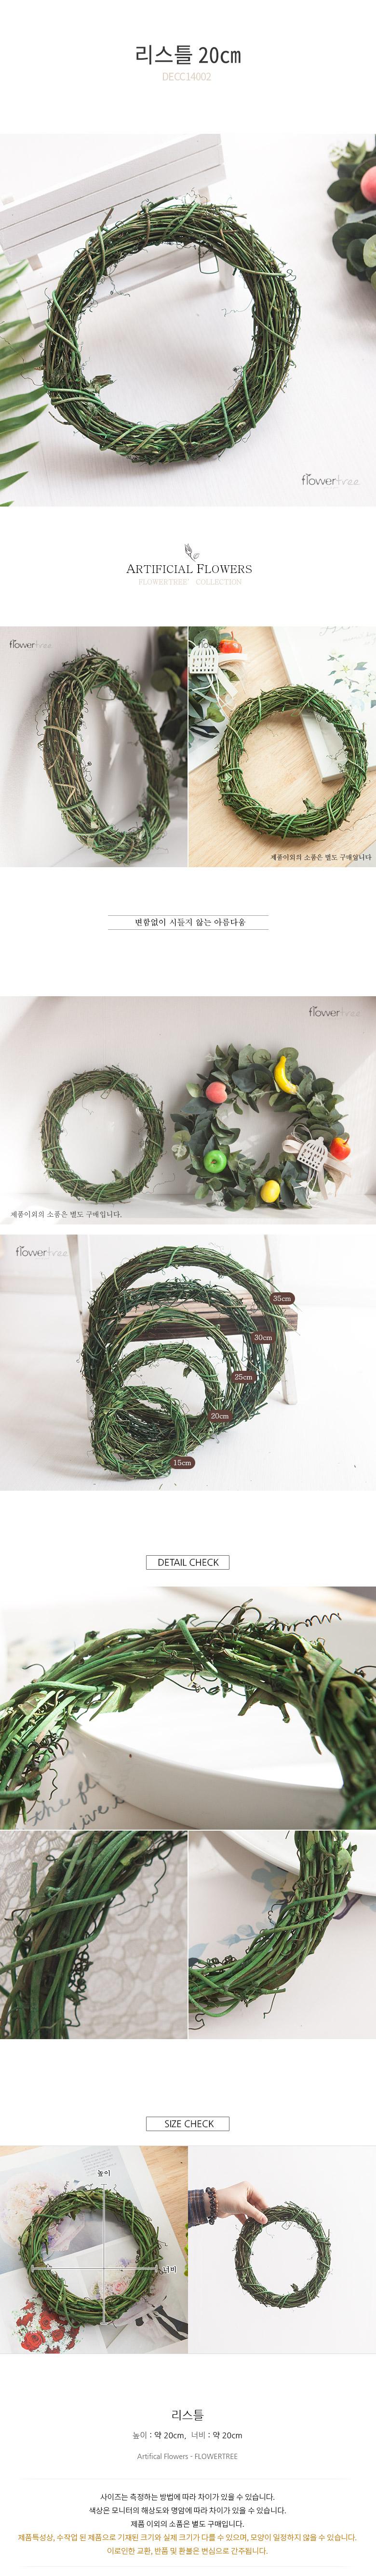 리스틀 20cm  트리 크리스마스 무장식 리스 TRWGHM - 플라워트리, 2,400원, 장식품, 크리스마스소품